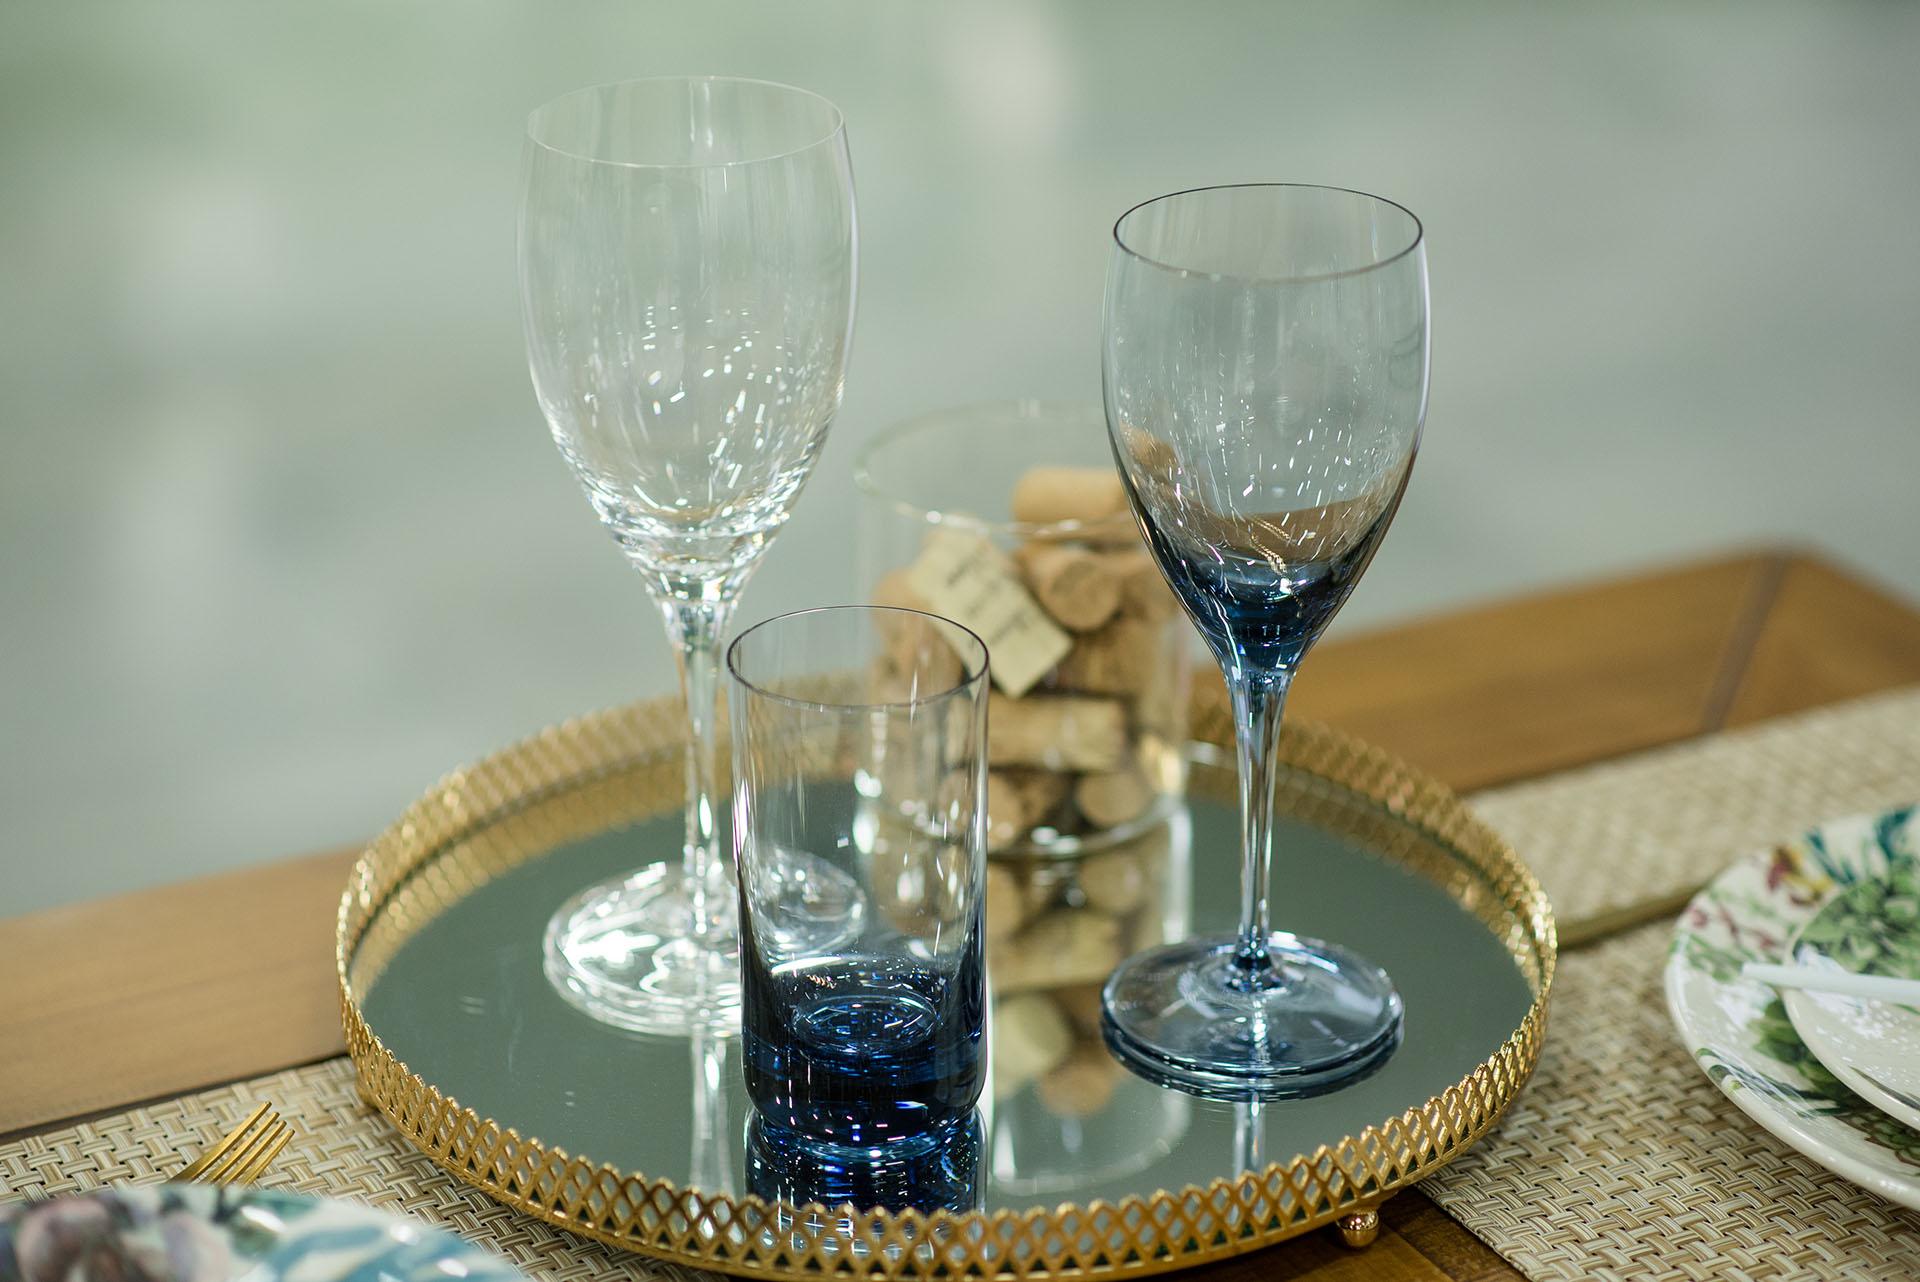 Texto: As opções de taças e copos coloridos complementam a mesa posta. Foto: Karla Rudnick.